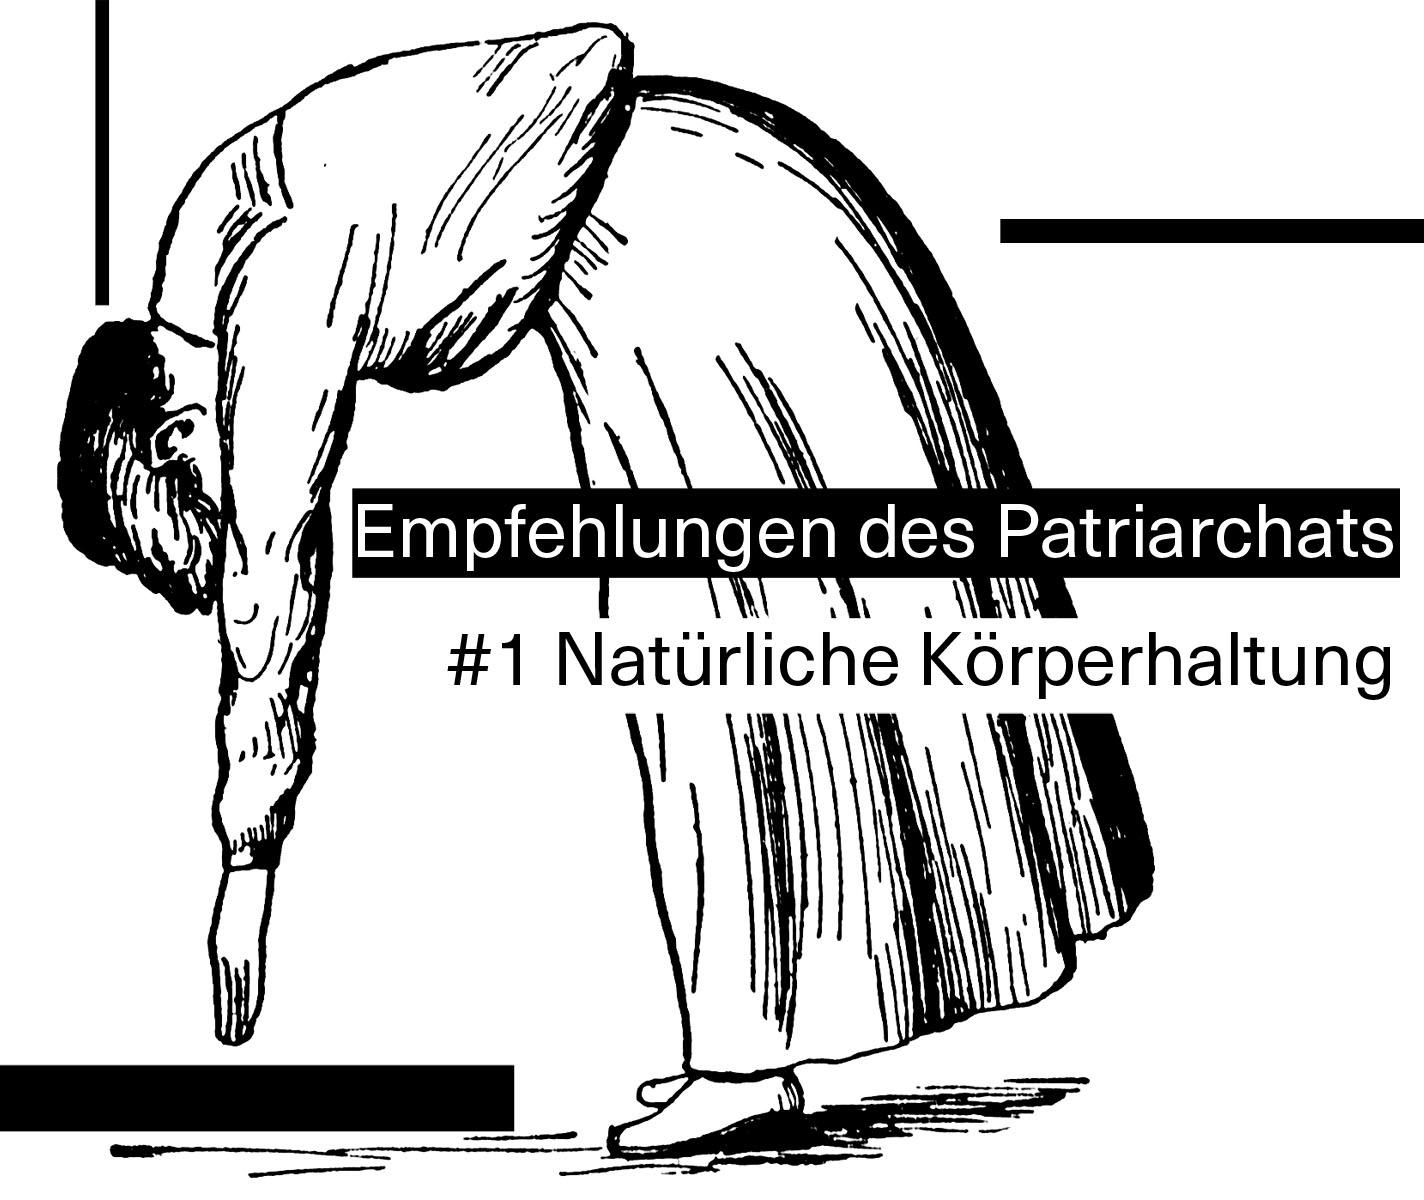 empfehlungen des patriarchats